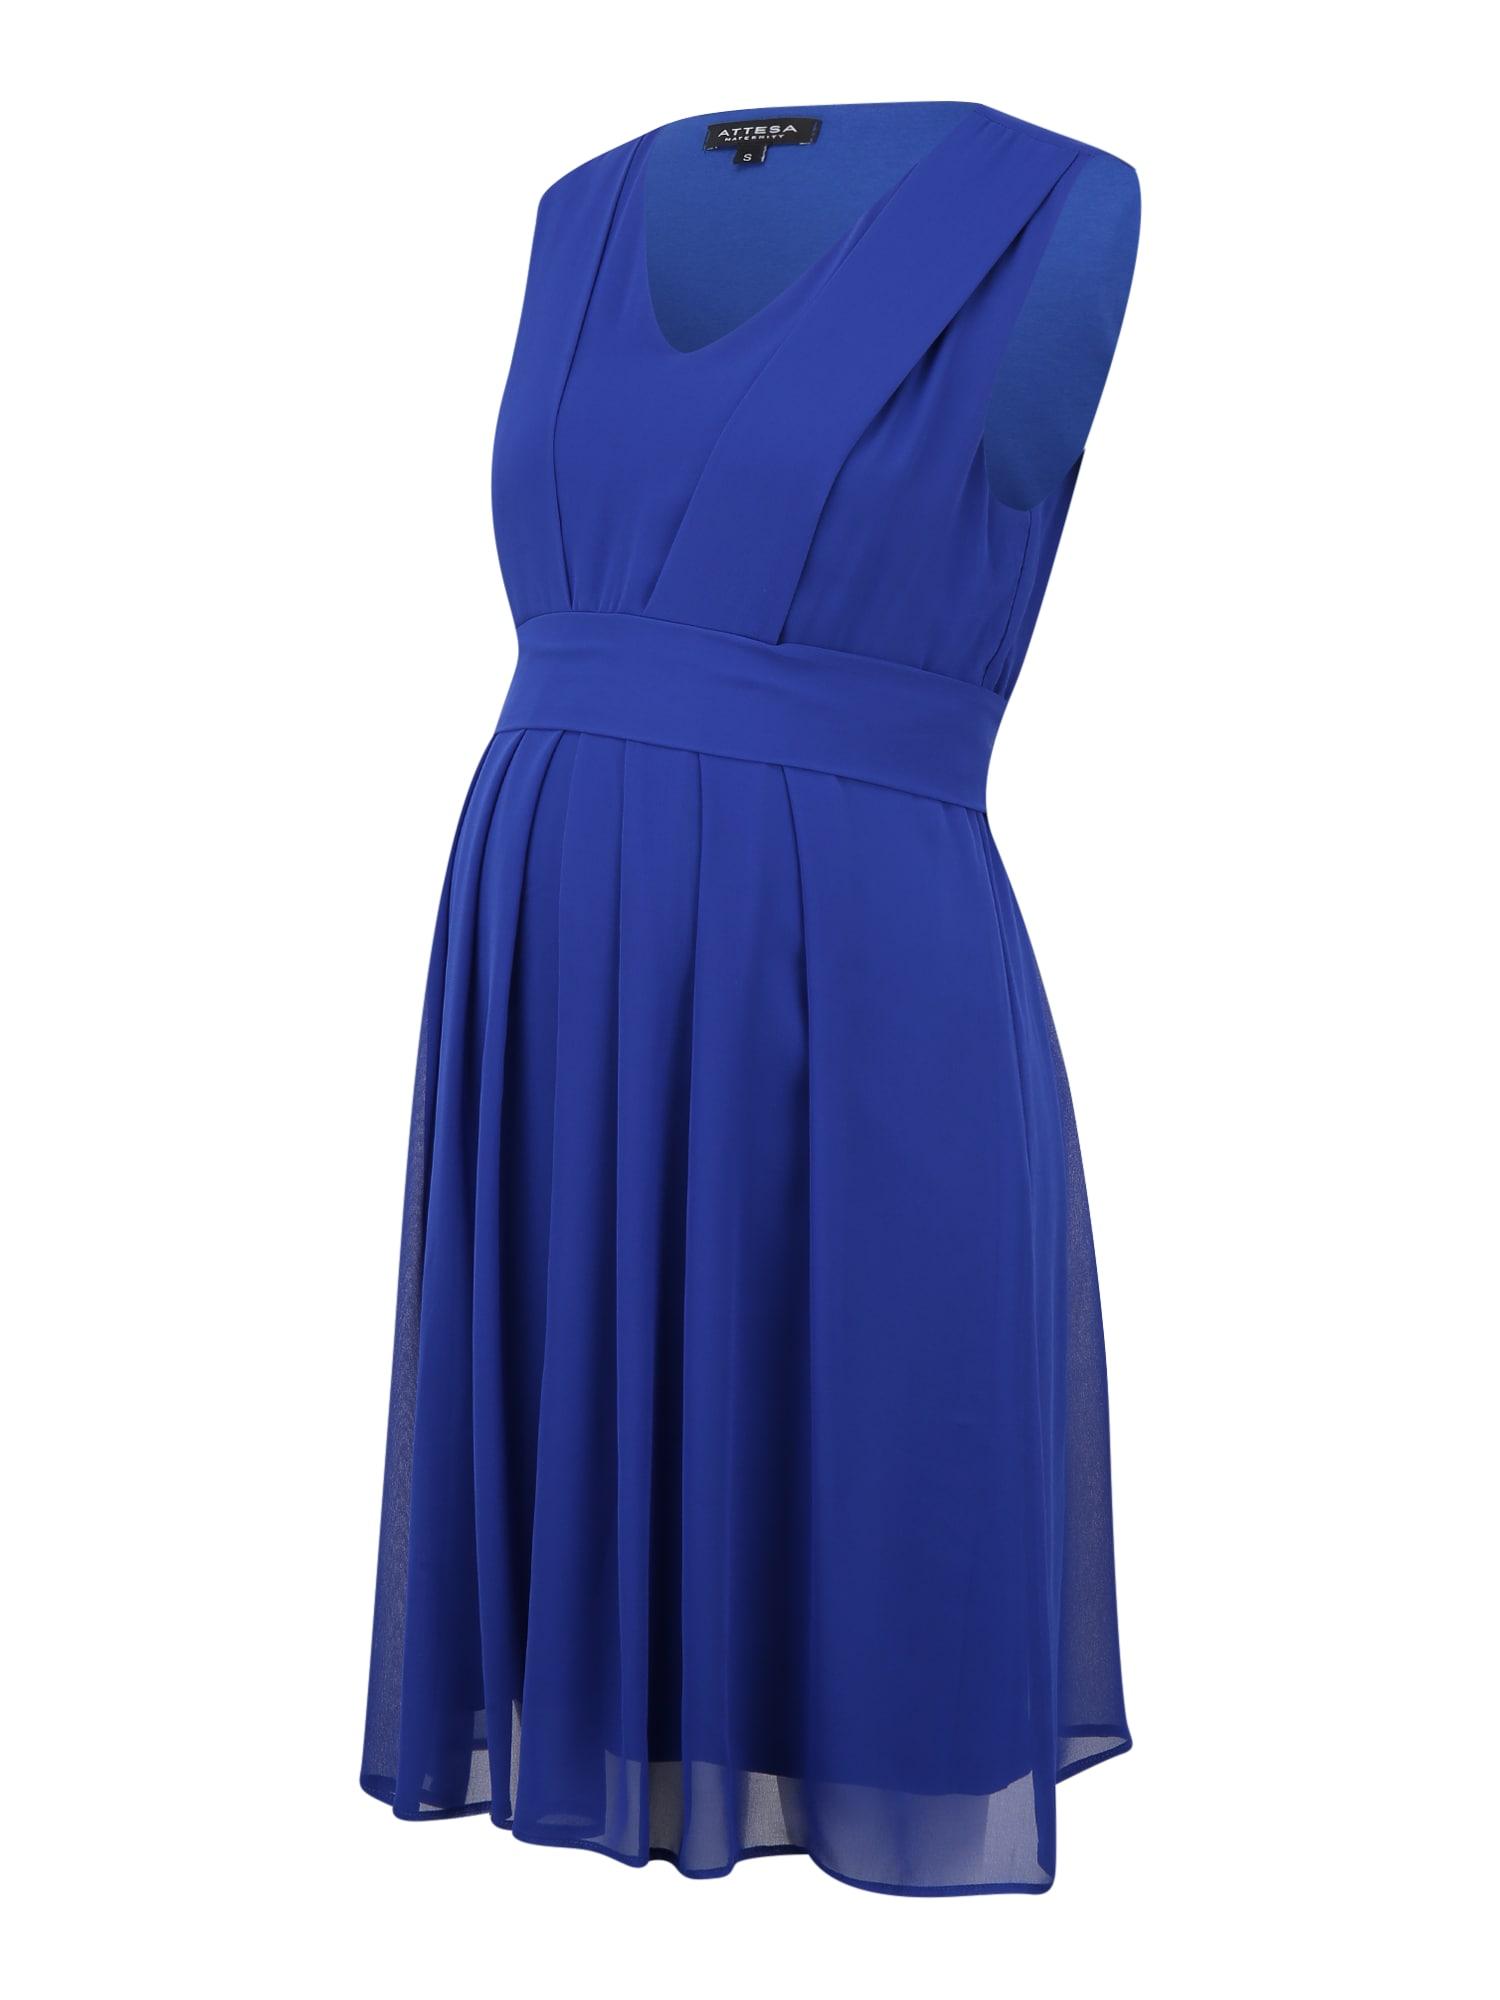 Attesa Suknelė mėlyna